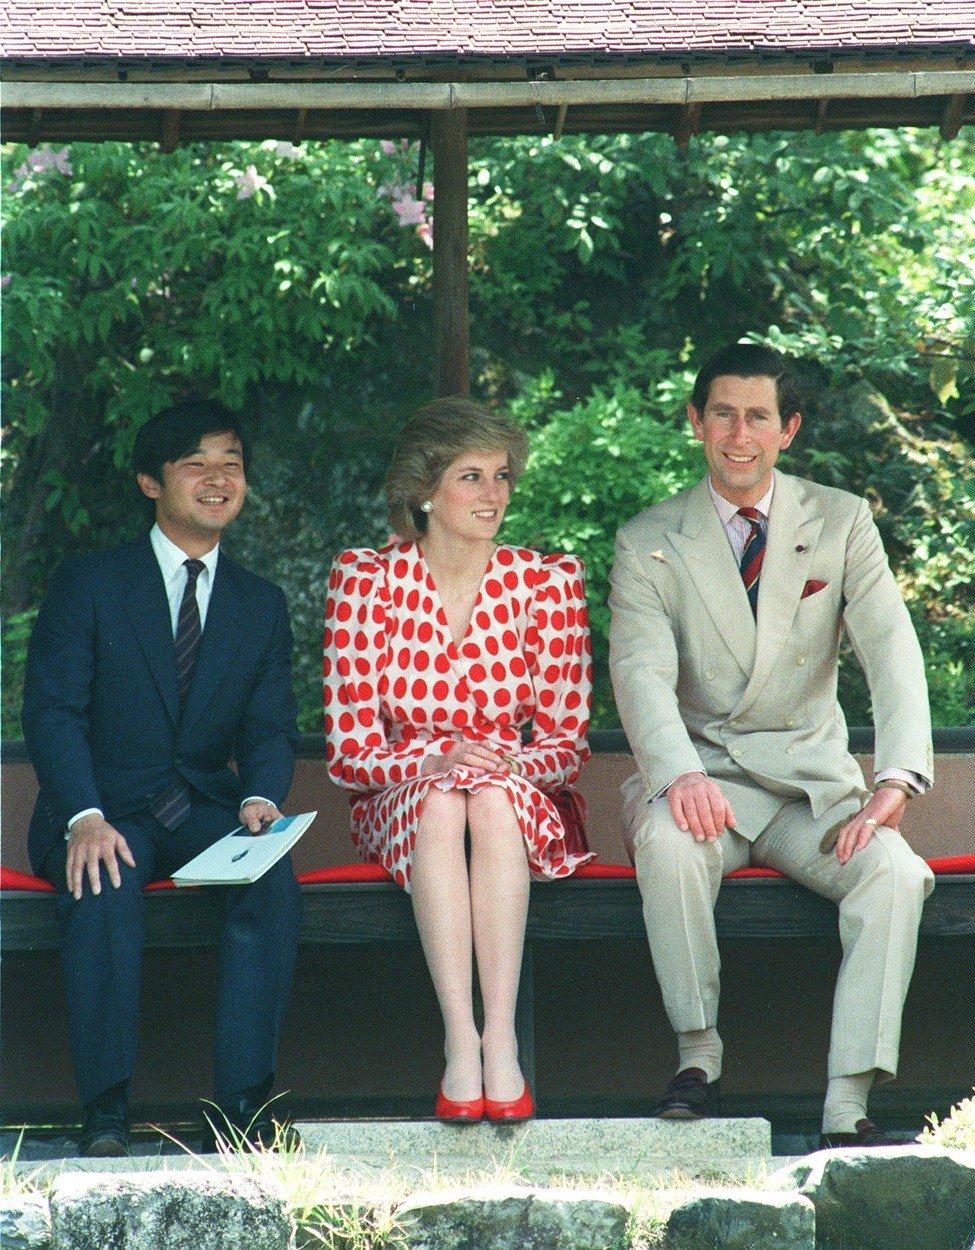 Nový císař Japonska Naruhito má vystudovaný Oxford. V Británii se svého času potkal i s princem Charlesem a lady Dianou